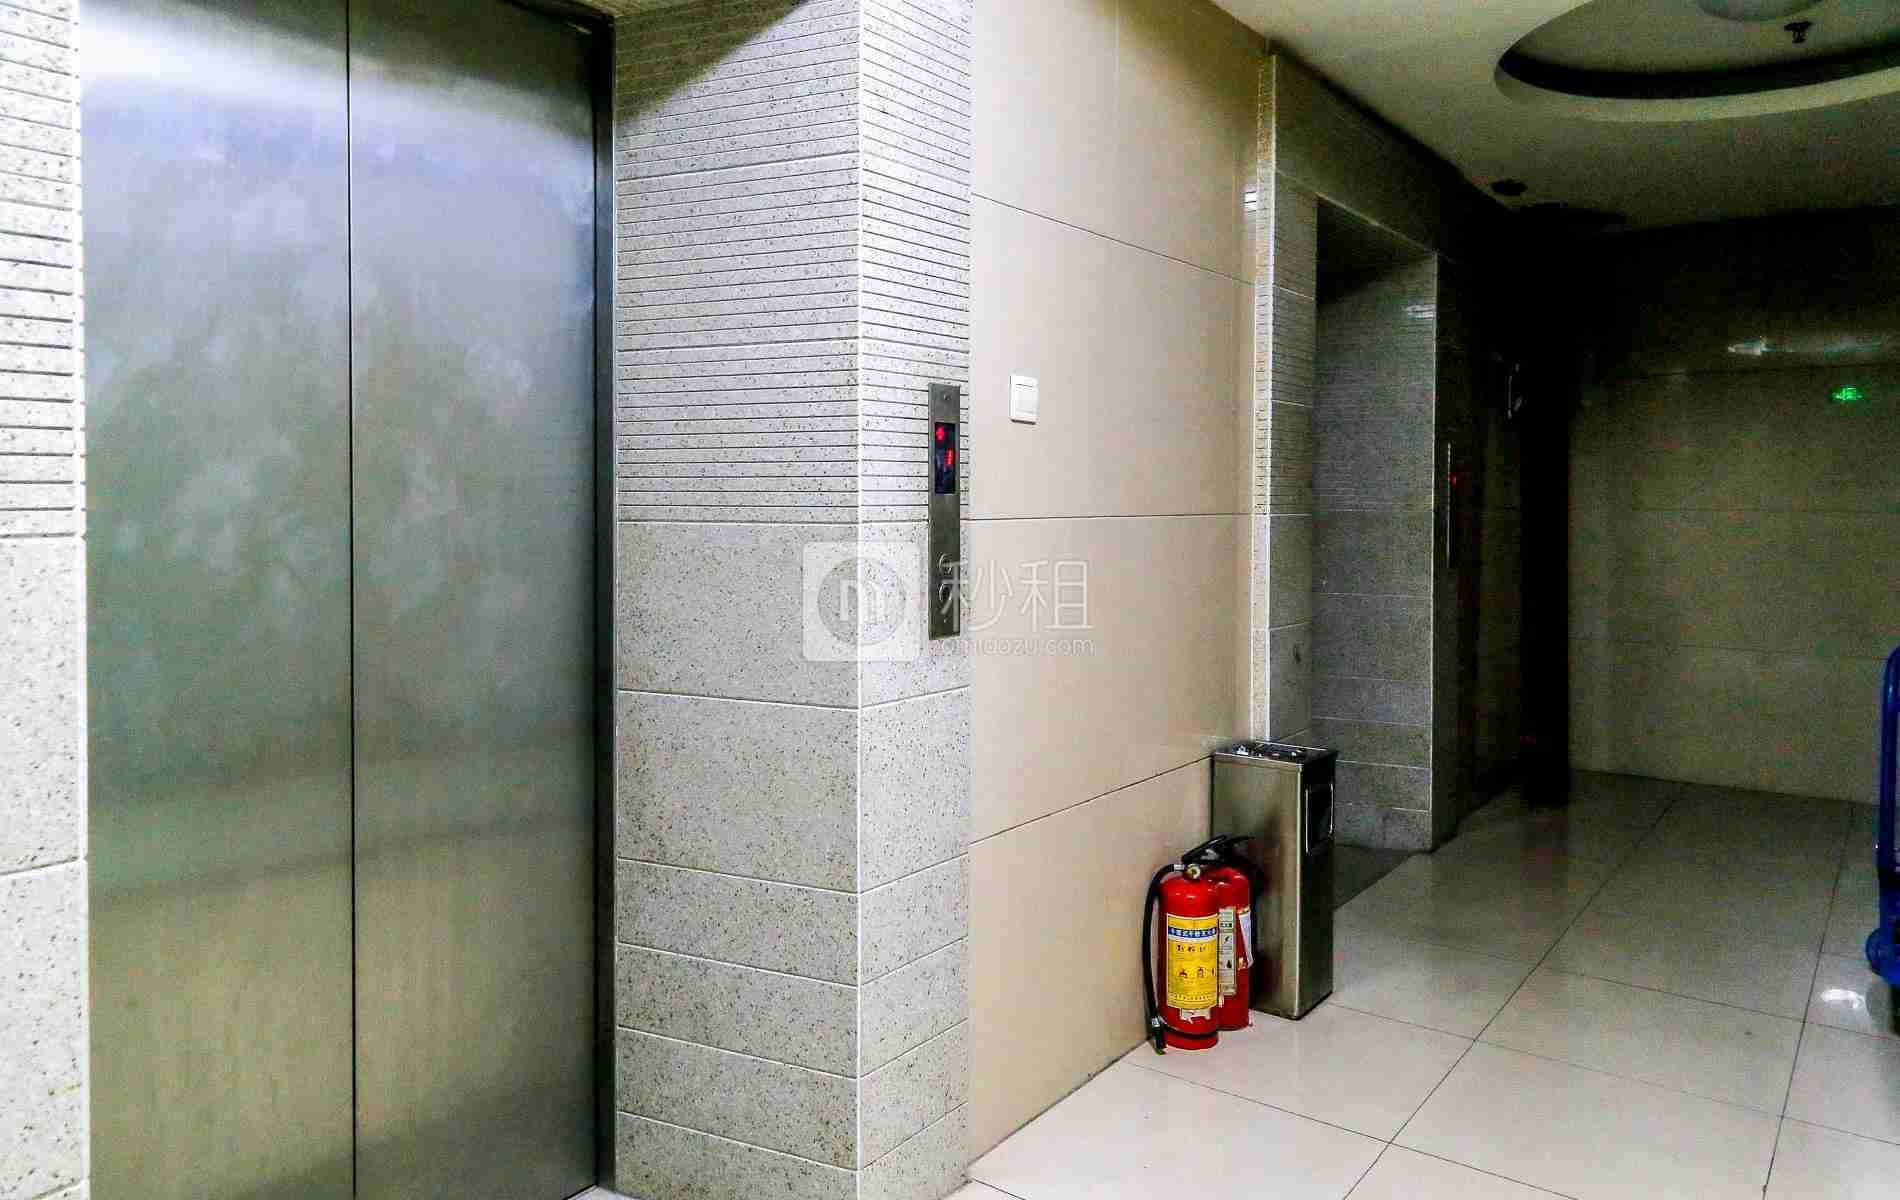 亨林大厦写字楼出租/招租/租赁,亨林大厦办公室出租/招租/租赁